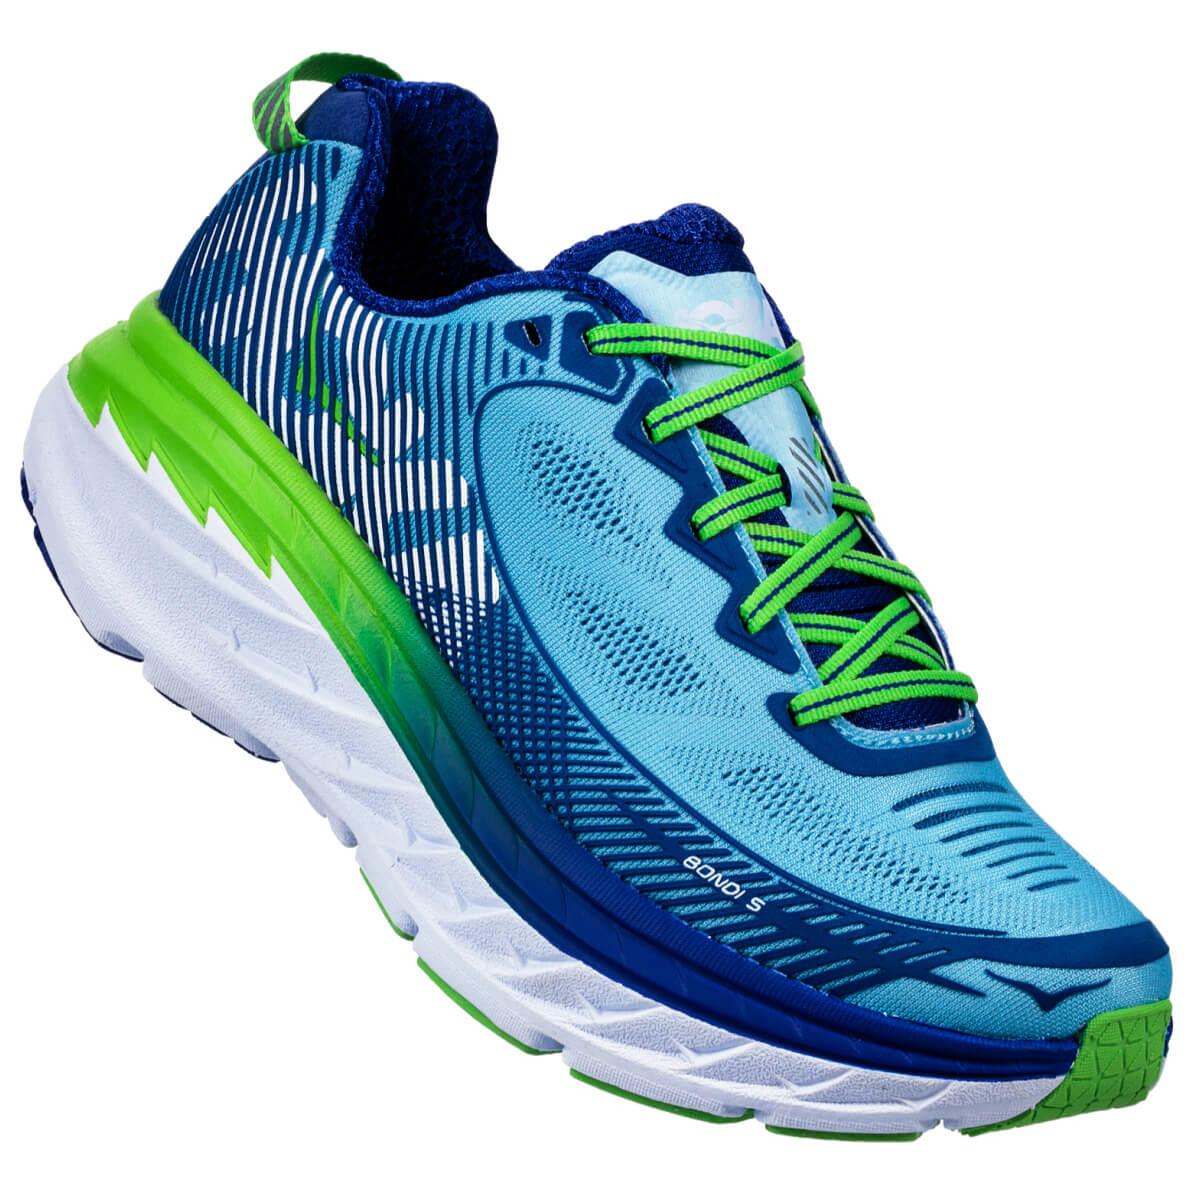 Hoka Running Shoes Canada